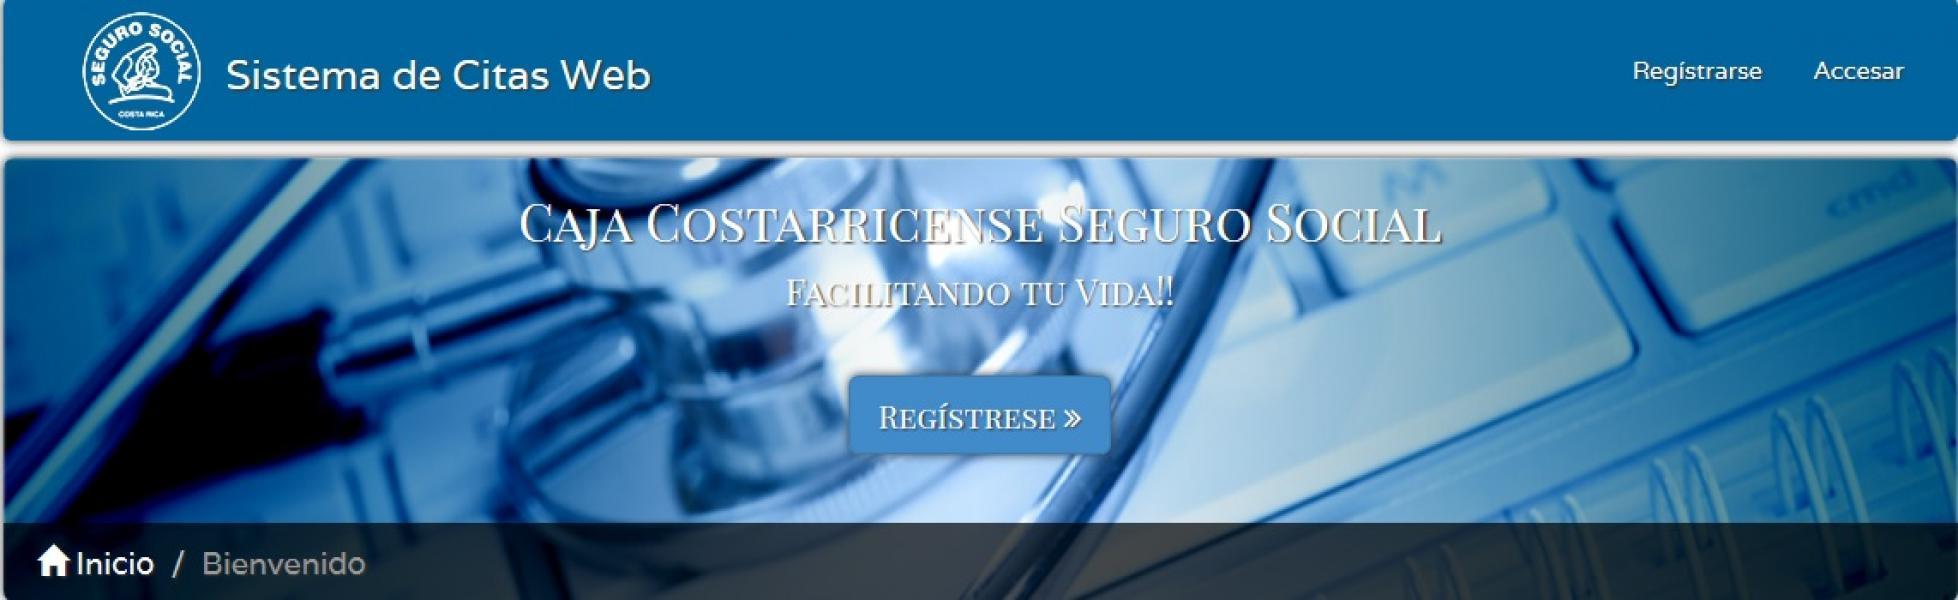 Conocer Por Internet Caja Costarricense De Seguro Social Putas Em Barreiro-11703